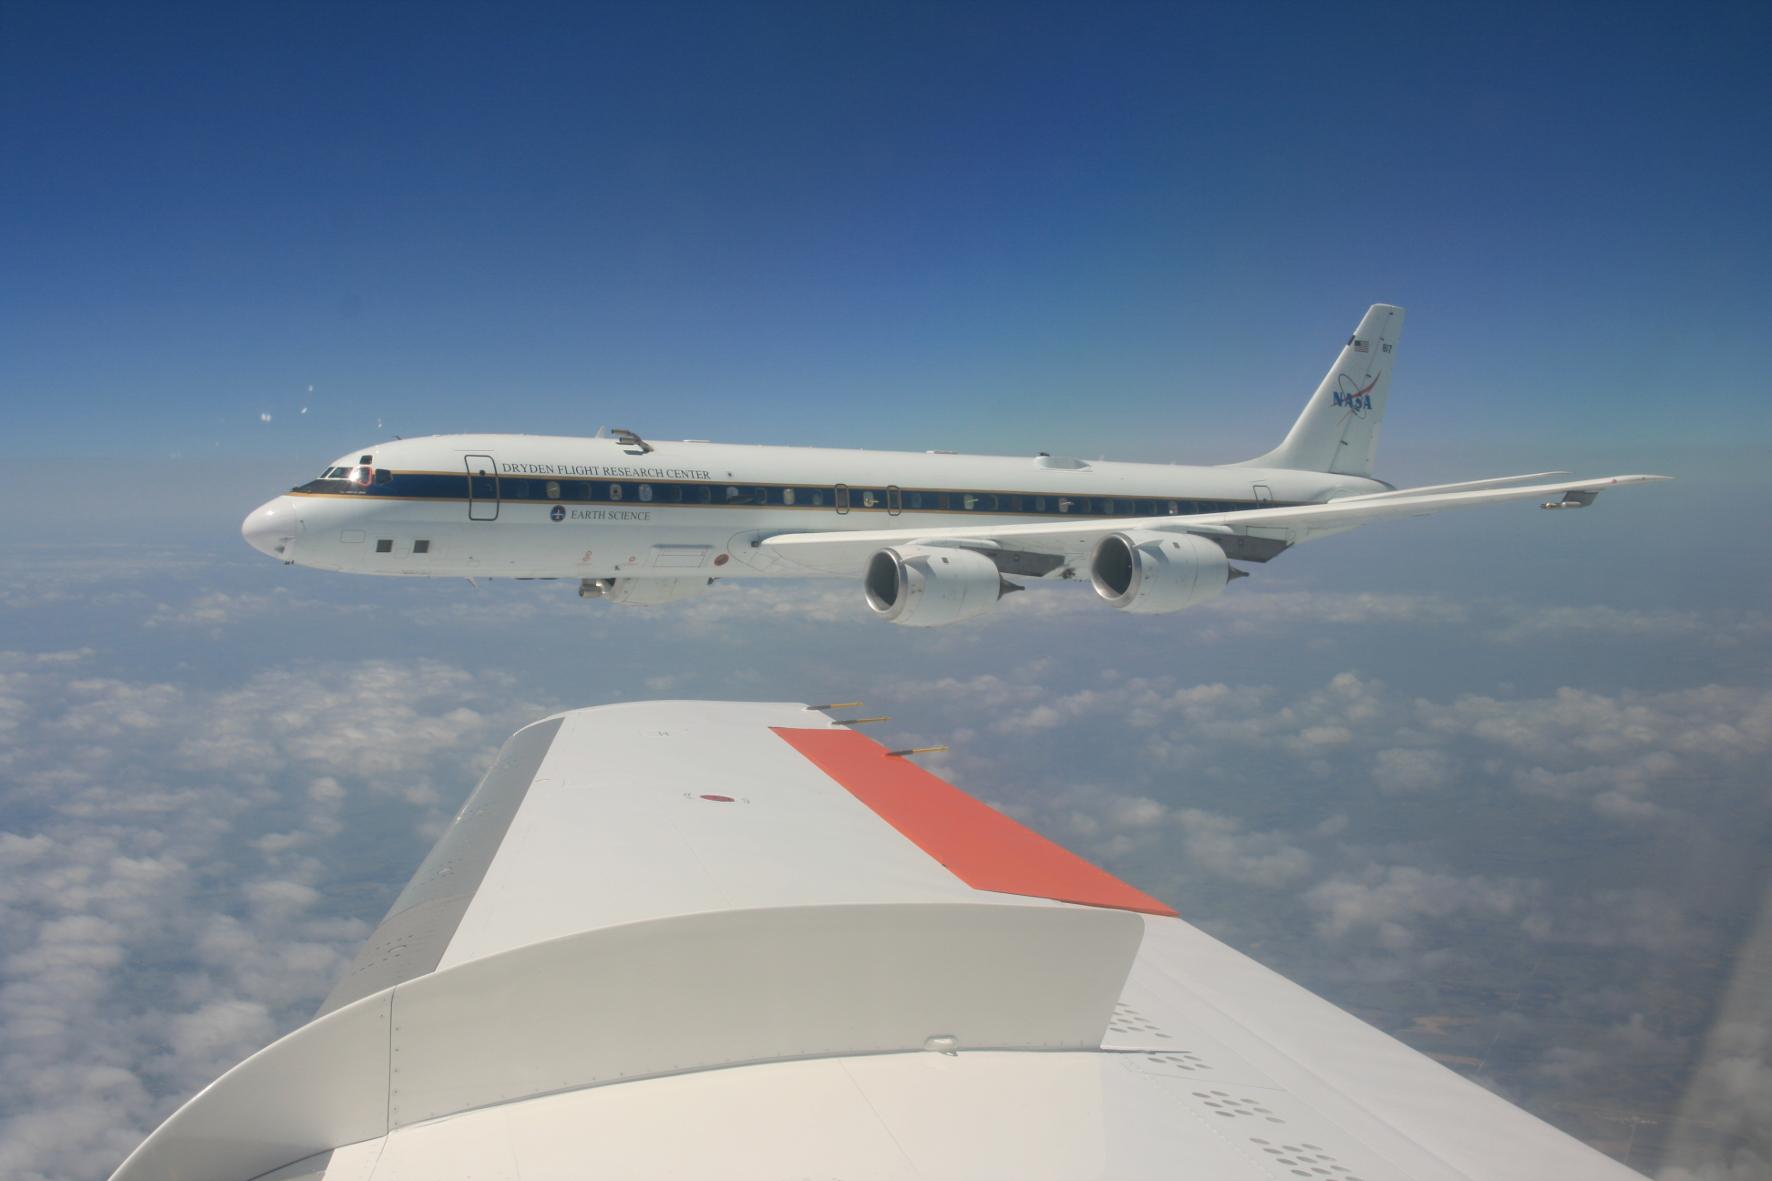 Sauberer Treibstoff für die Luftfahrt hat Einfluss auf Rußpartikel-Emissionen